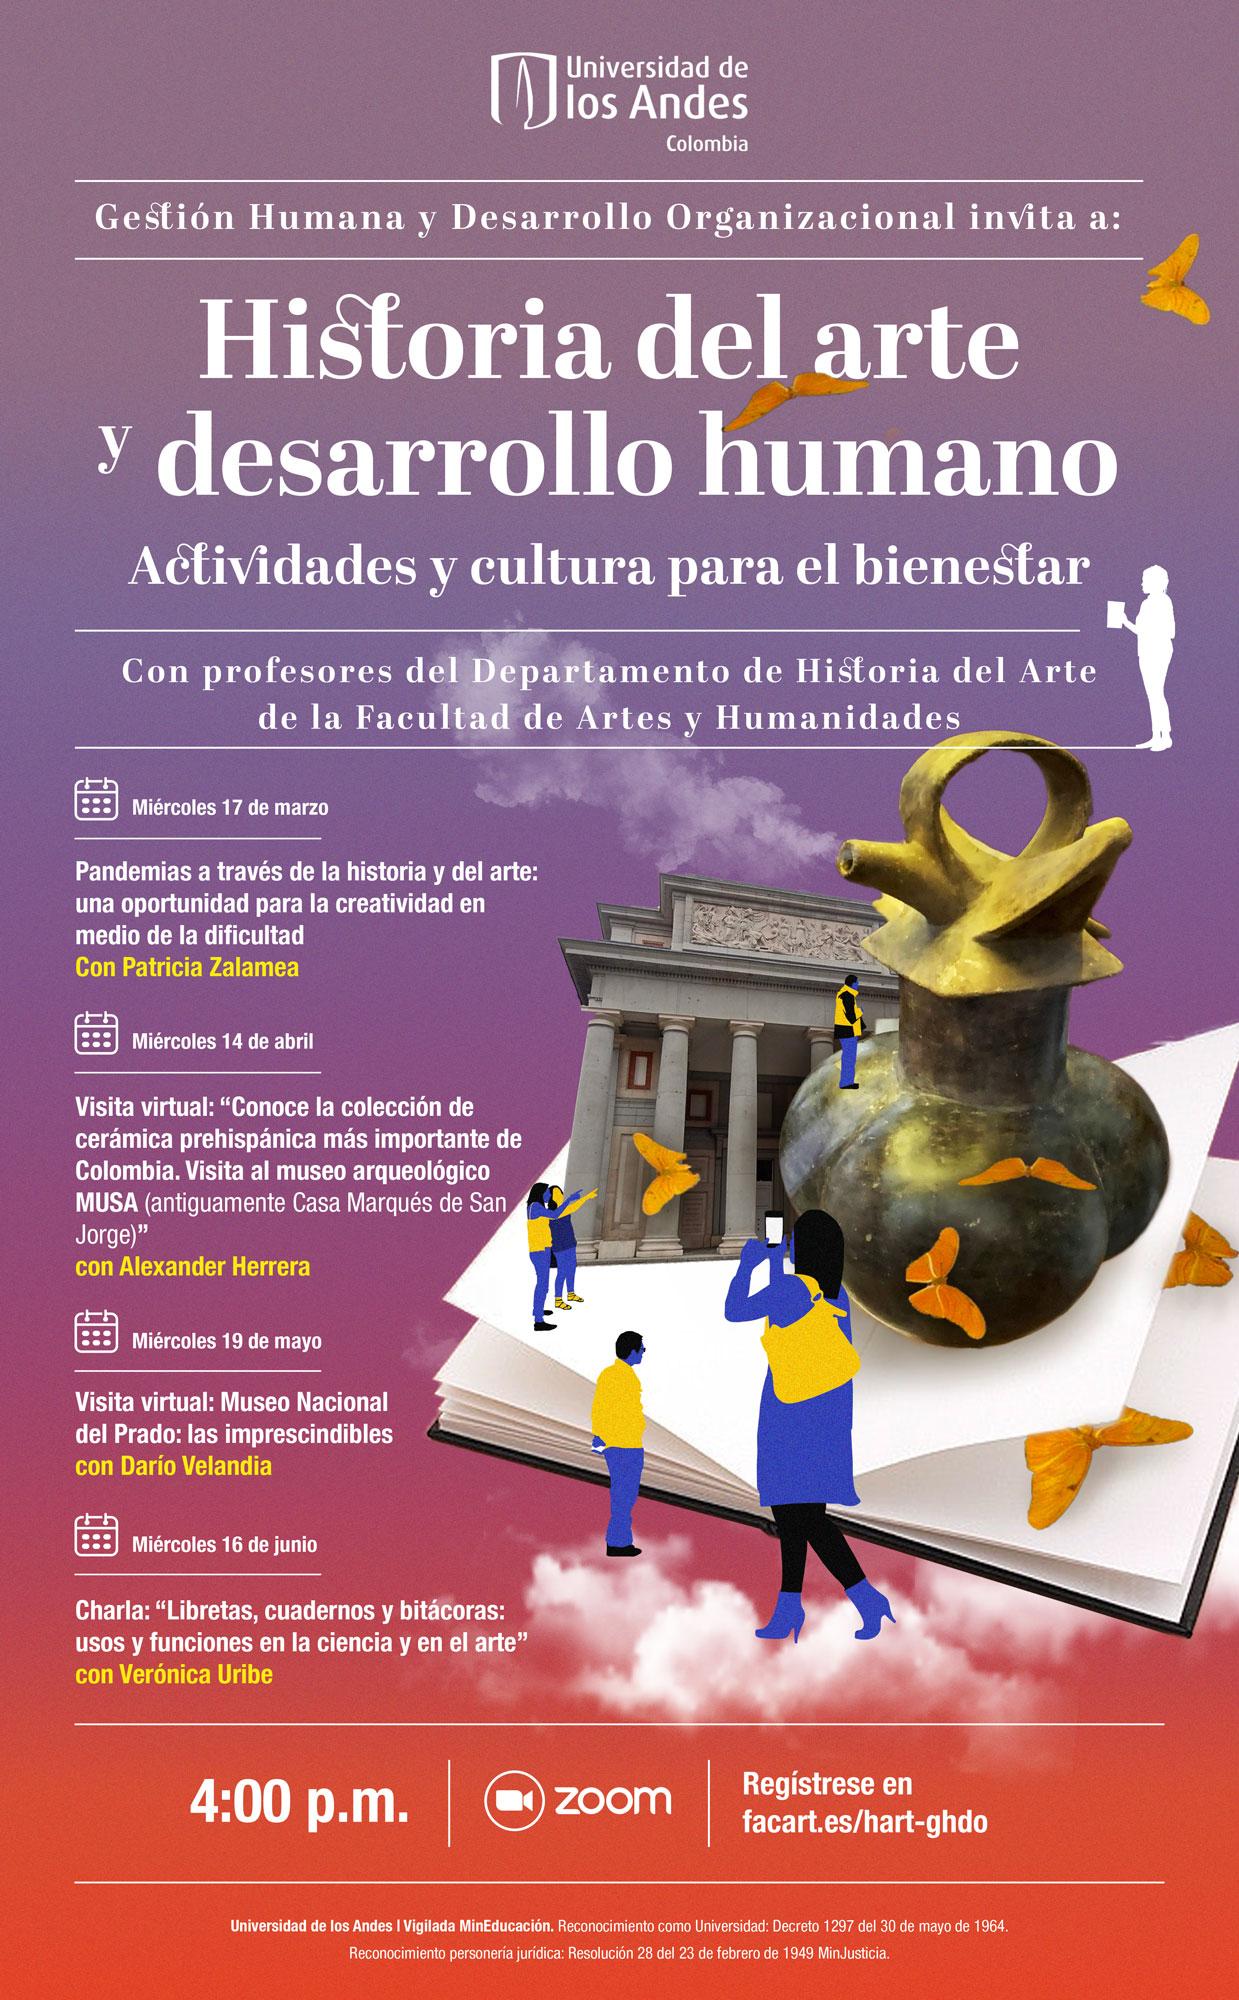 Conoce la colección de cerámica prehispánica más importante de Colombia. Visita al museo arqueológico MUSA (antiguamente Casa Marqués de San Jorge)